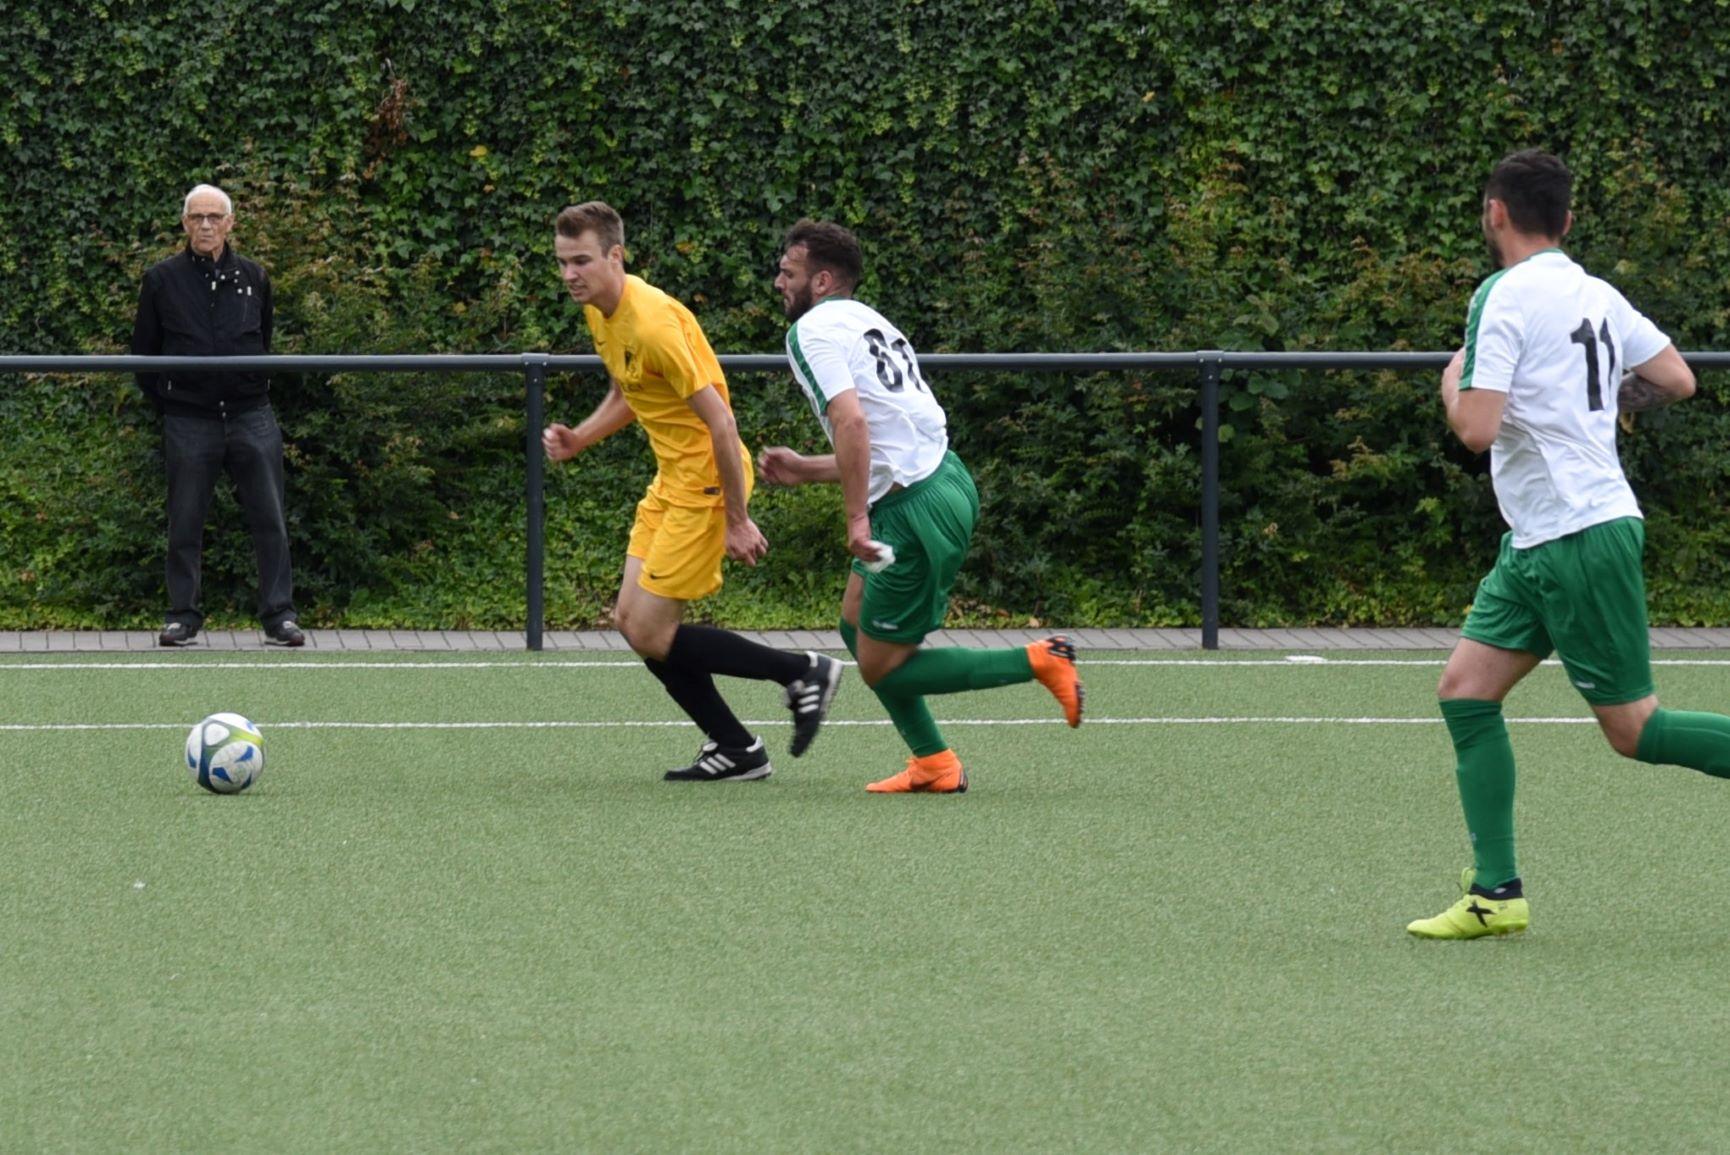 2019 07 14 Erste vs Osterfeld